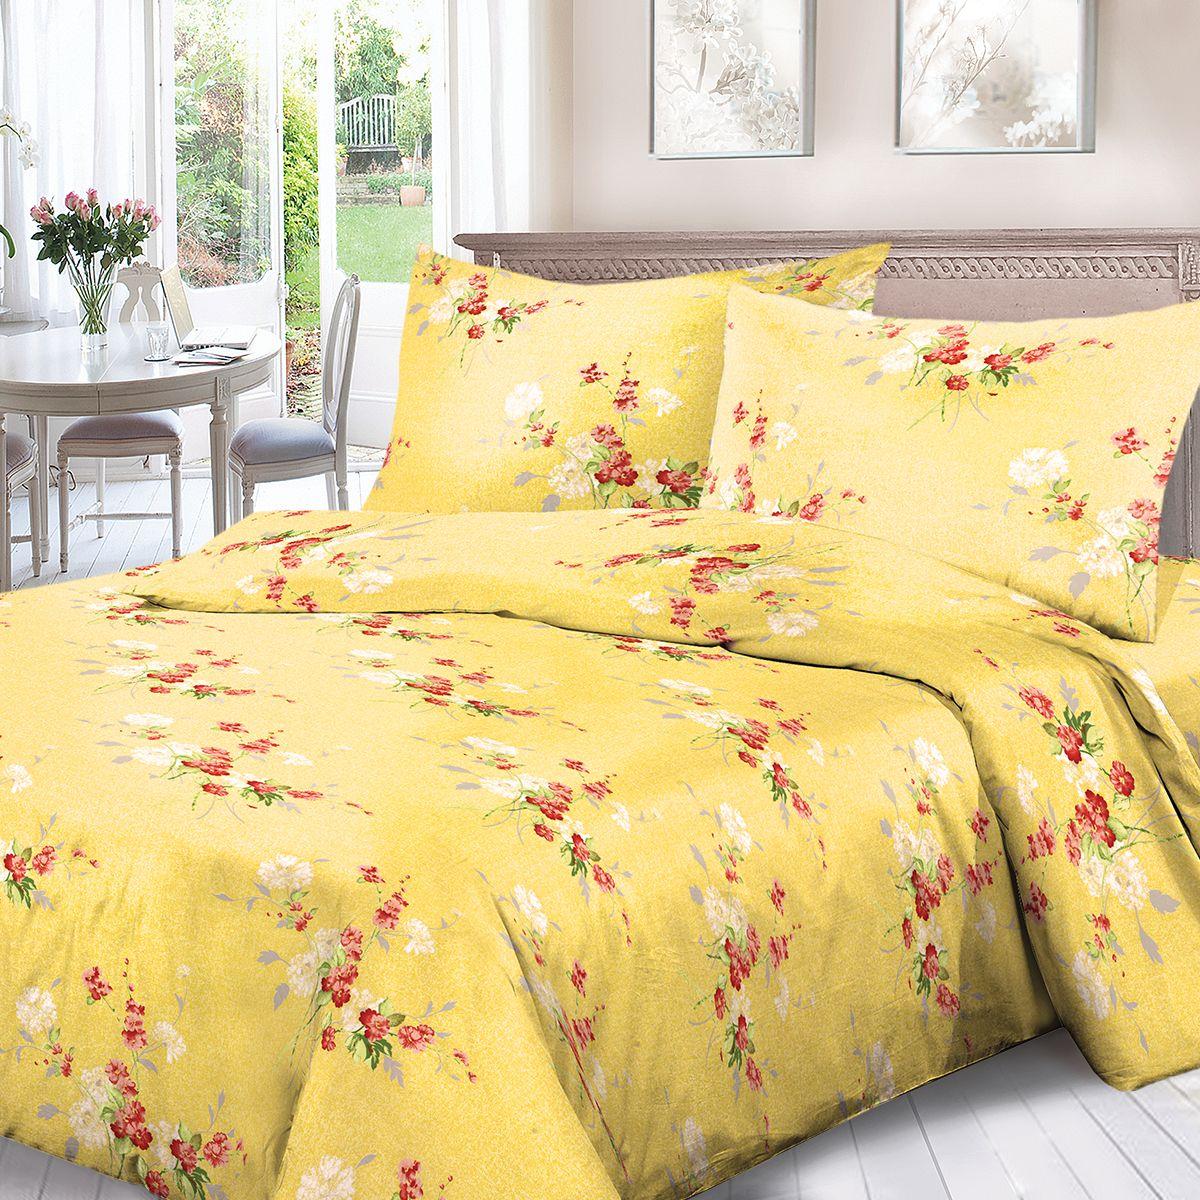 Комплект белья Для Снов Амброзия, семейный, наволочки 70x70, цвет: желтый. 1536-187332